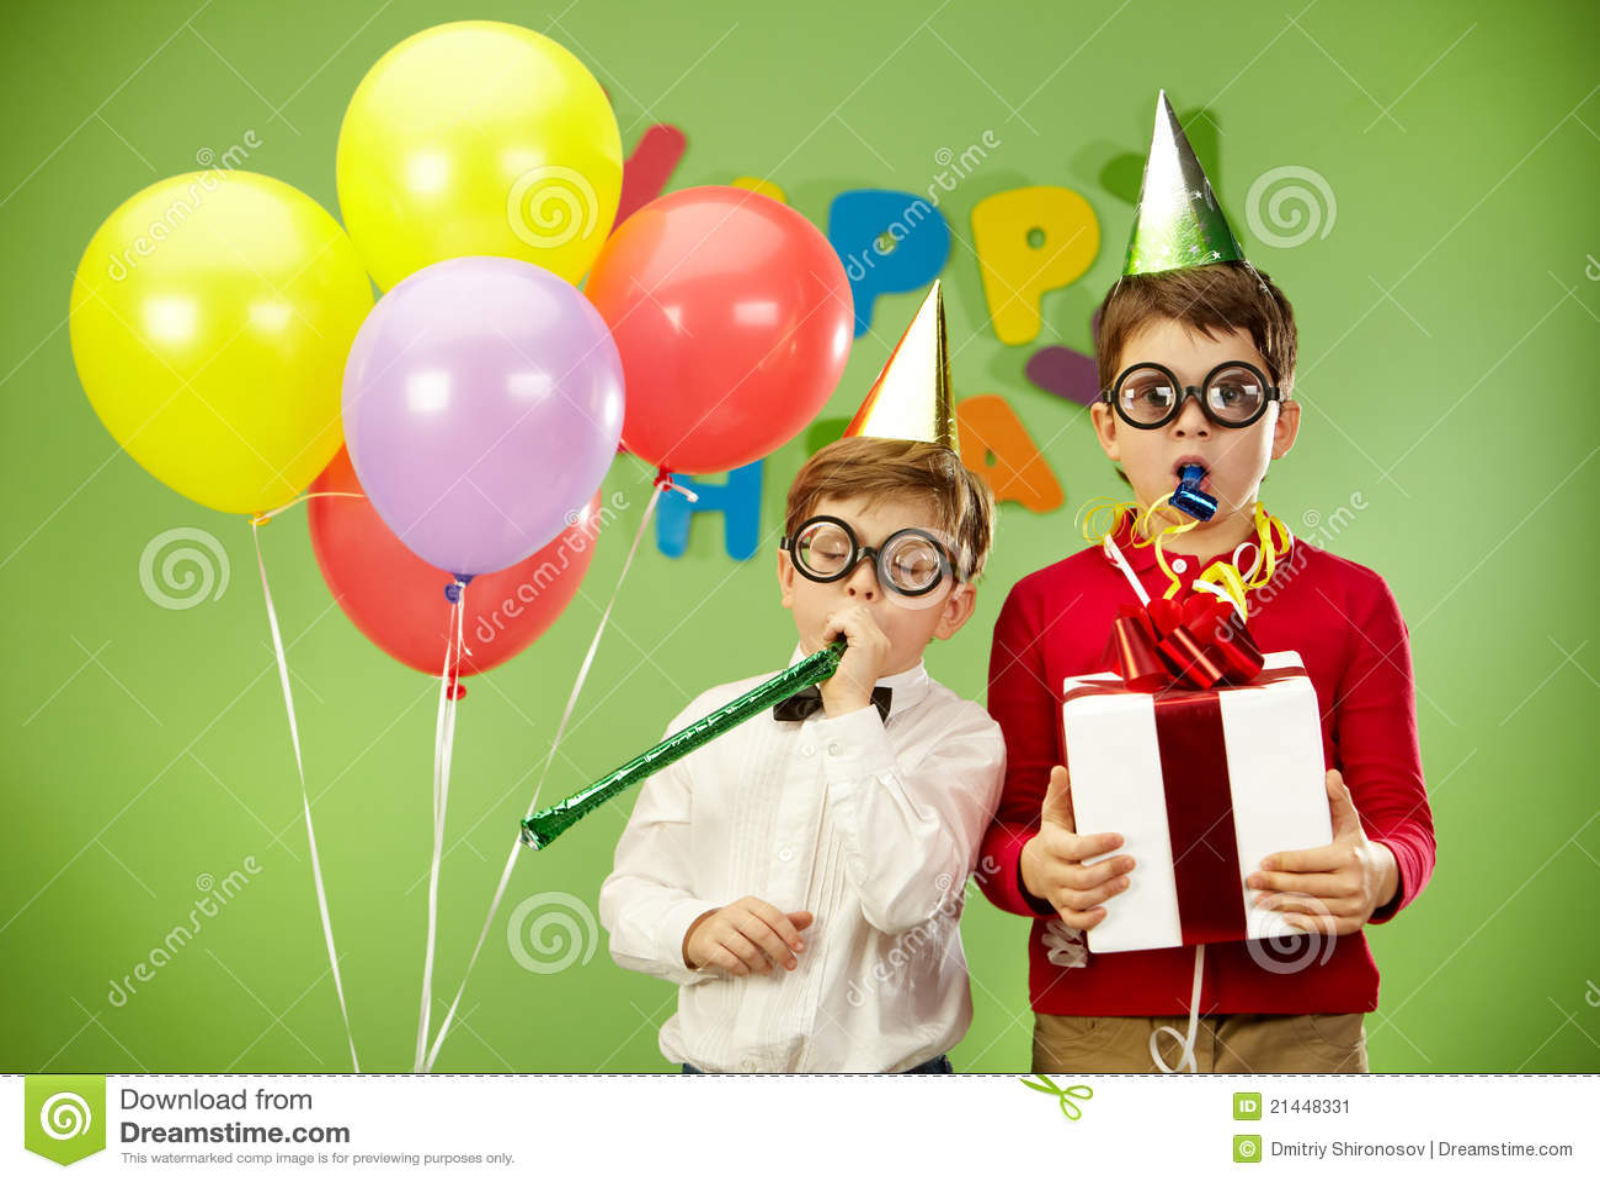 Birthday Fun Stock Image - Image: 21448331